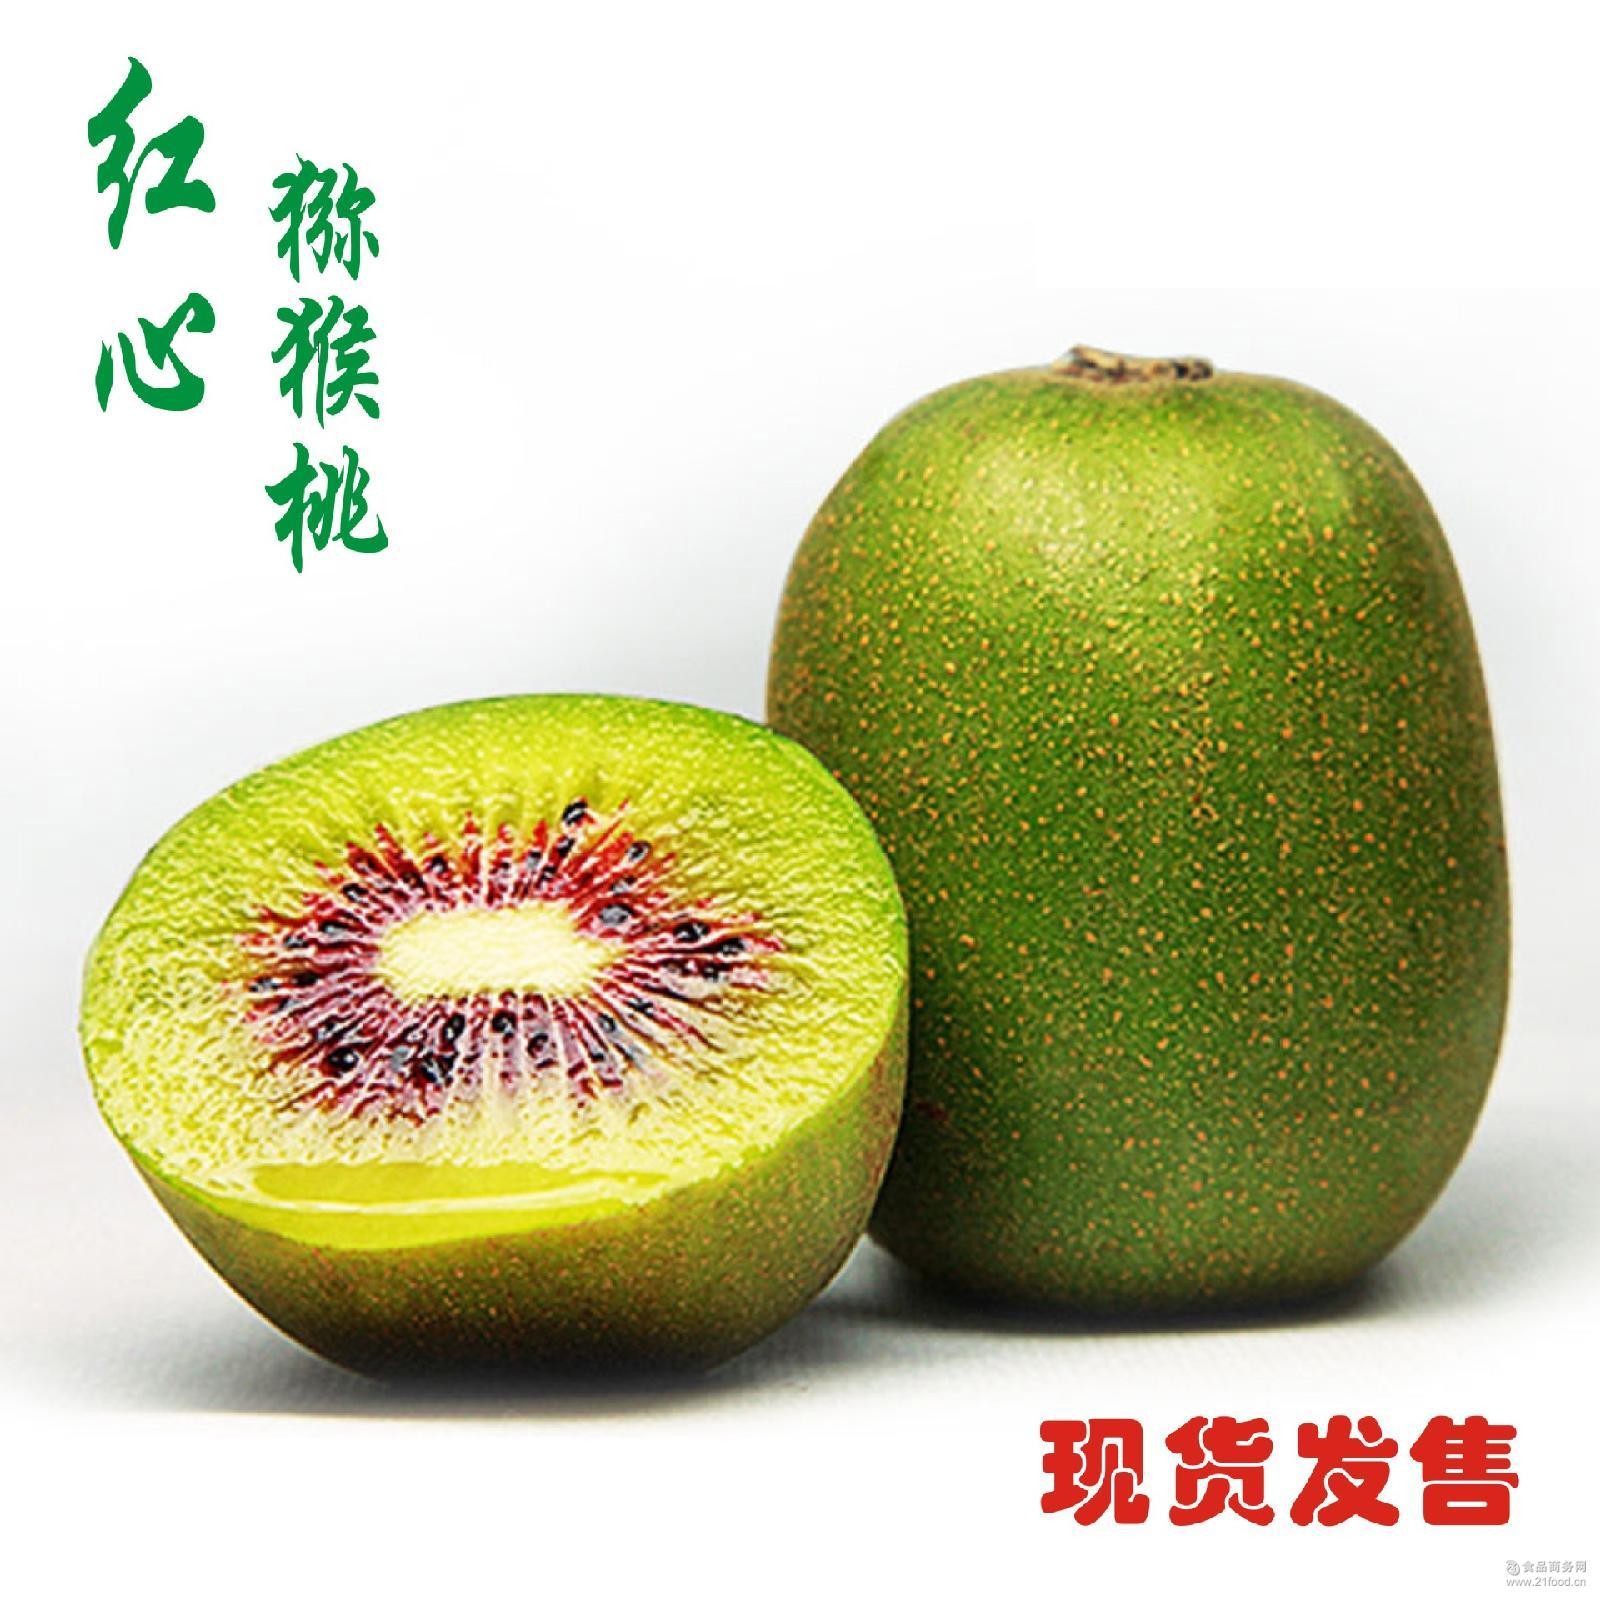 陕西眉县奇异果新鲜水果80-100 【500份特价】齐峰红心猕猴桃12颗